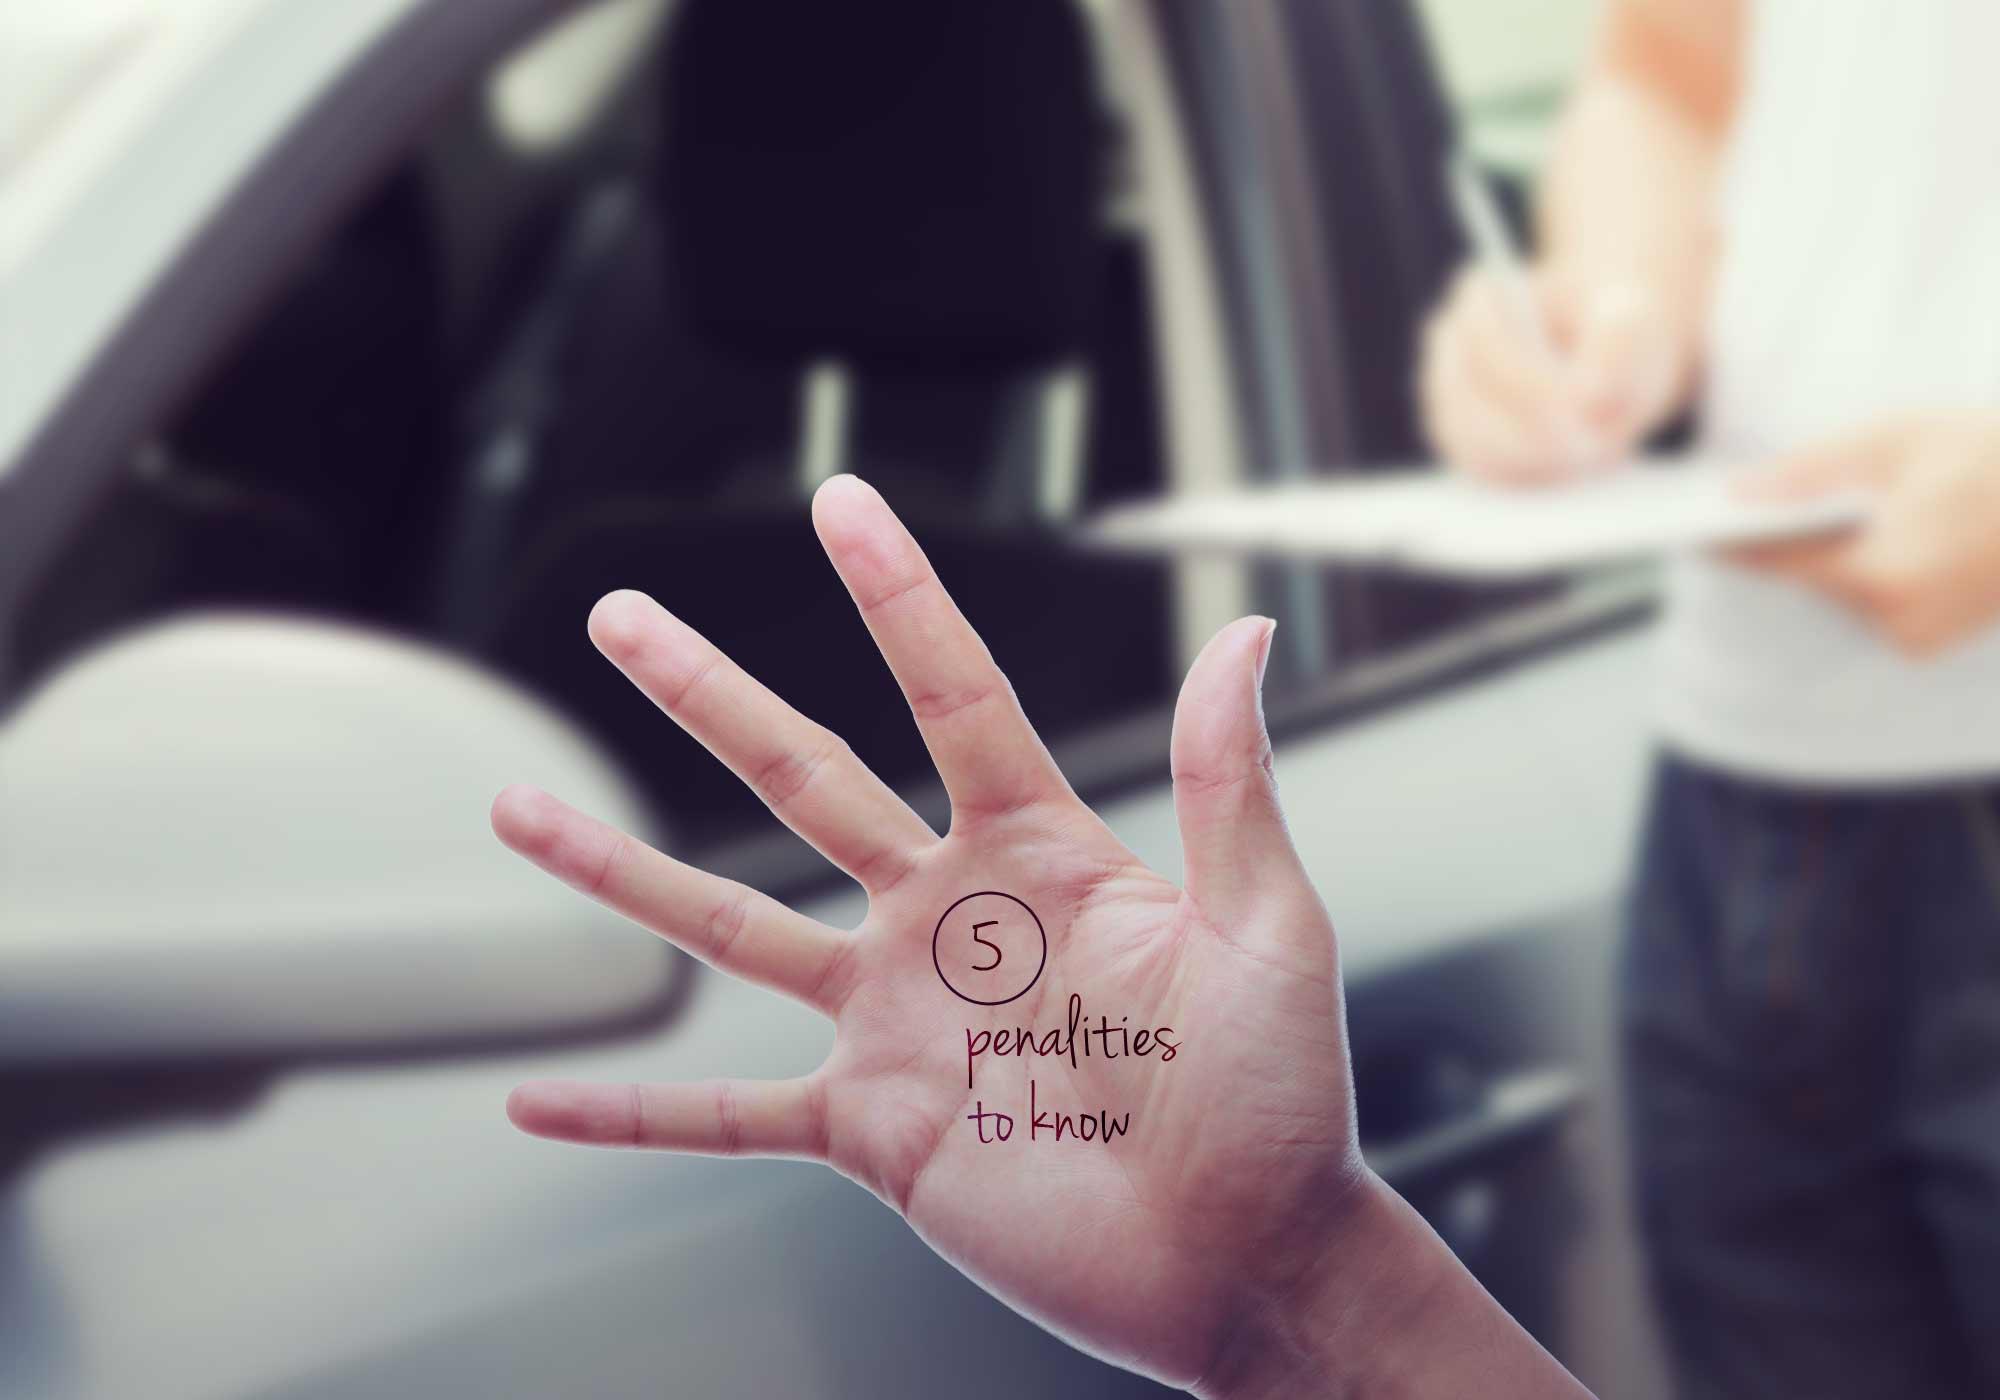 Five driving penalties